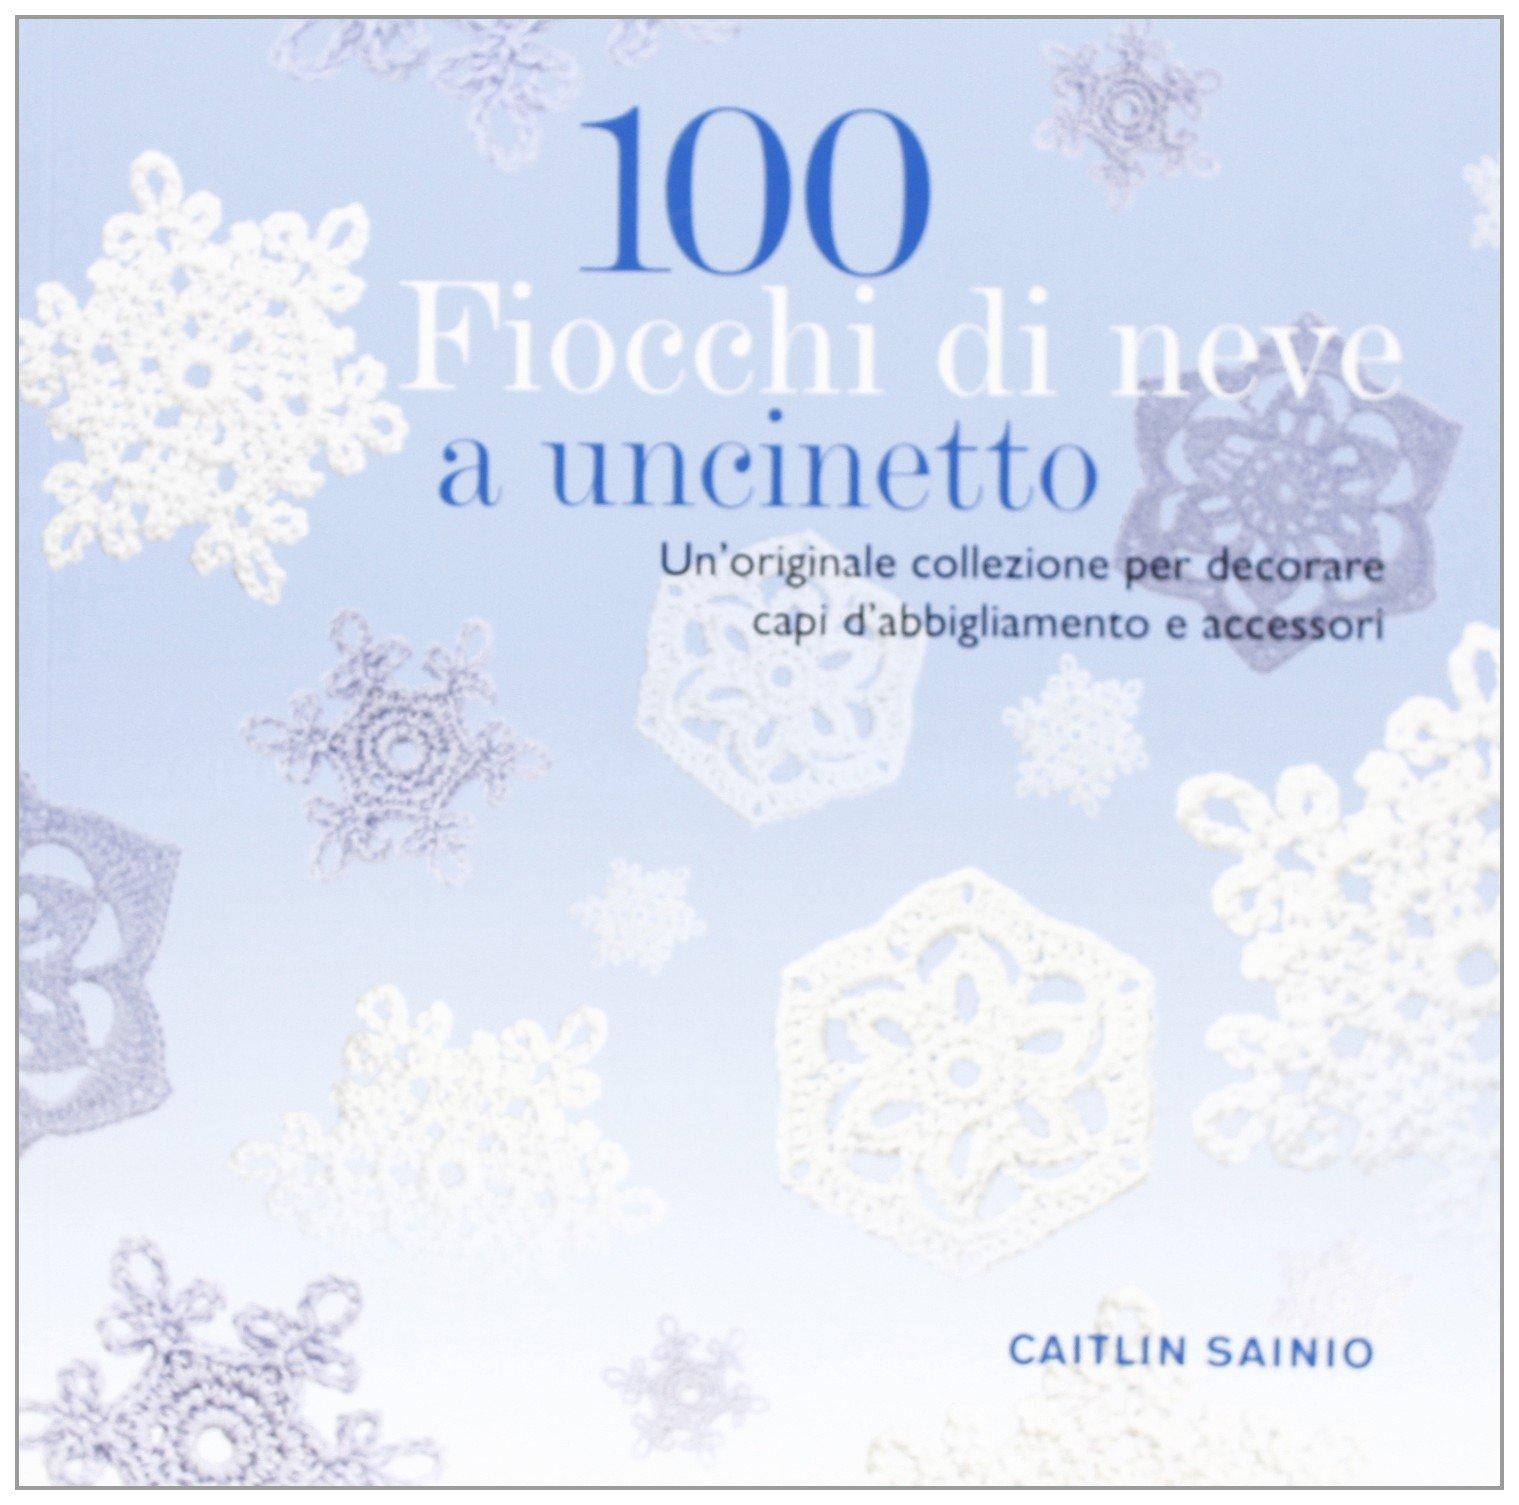 100 fiocchi di neve a uncinetto Copertina flessibile – 29 gen 2013 Caitlin Sainio Il Castello 8865203374